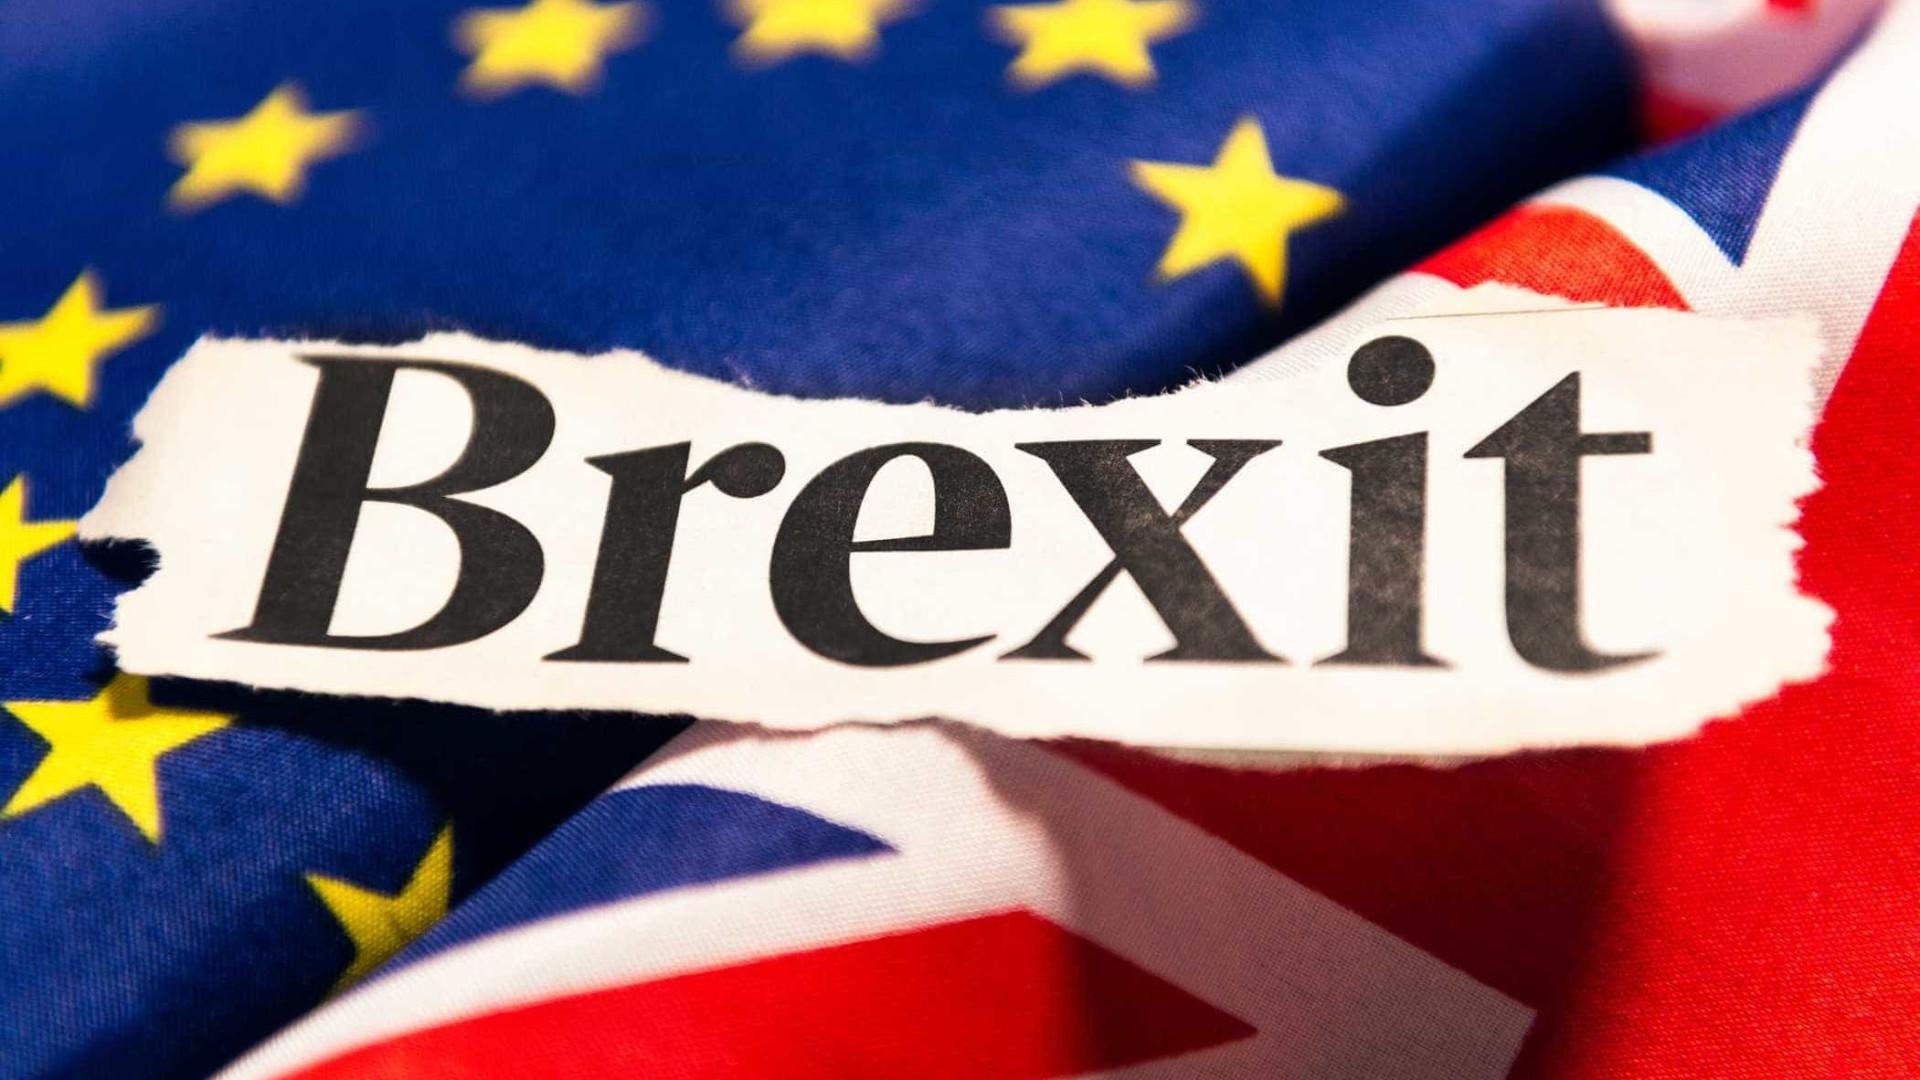 Brexit: Parlamento britânico aprovou lei do governo para saída da União Europeia